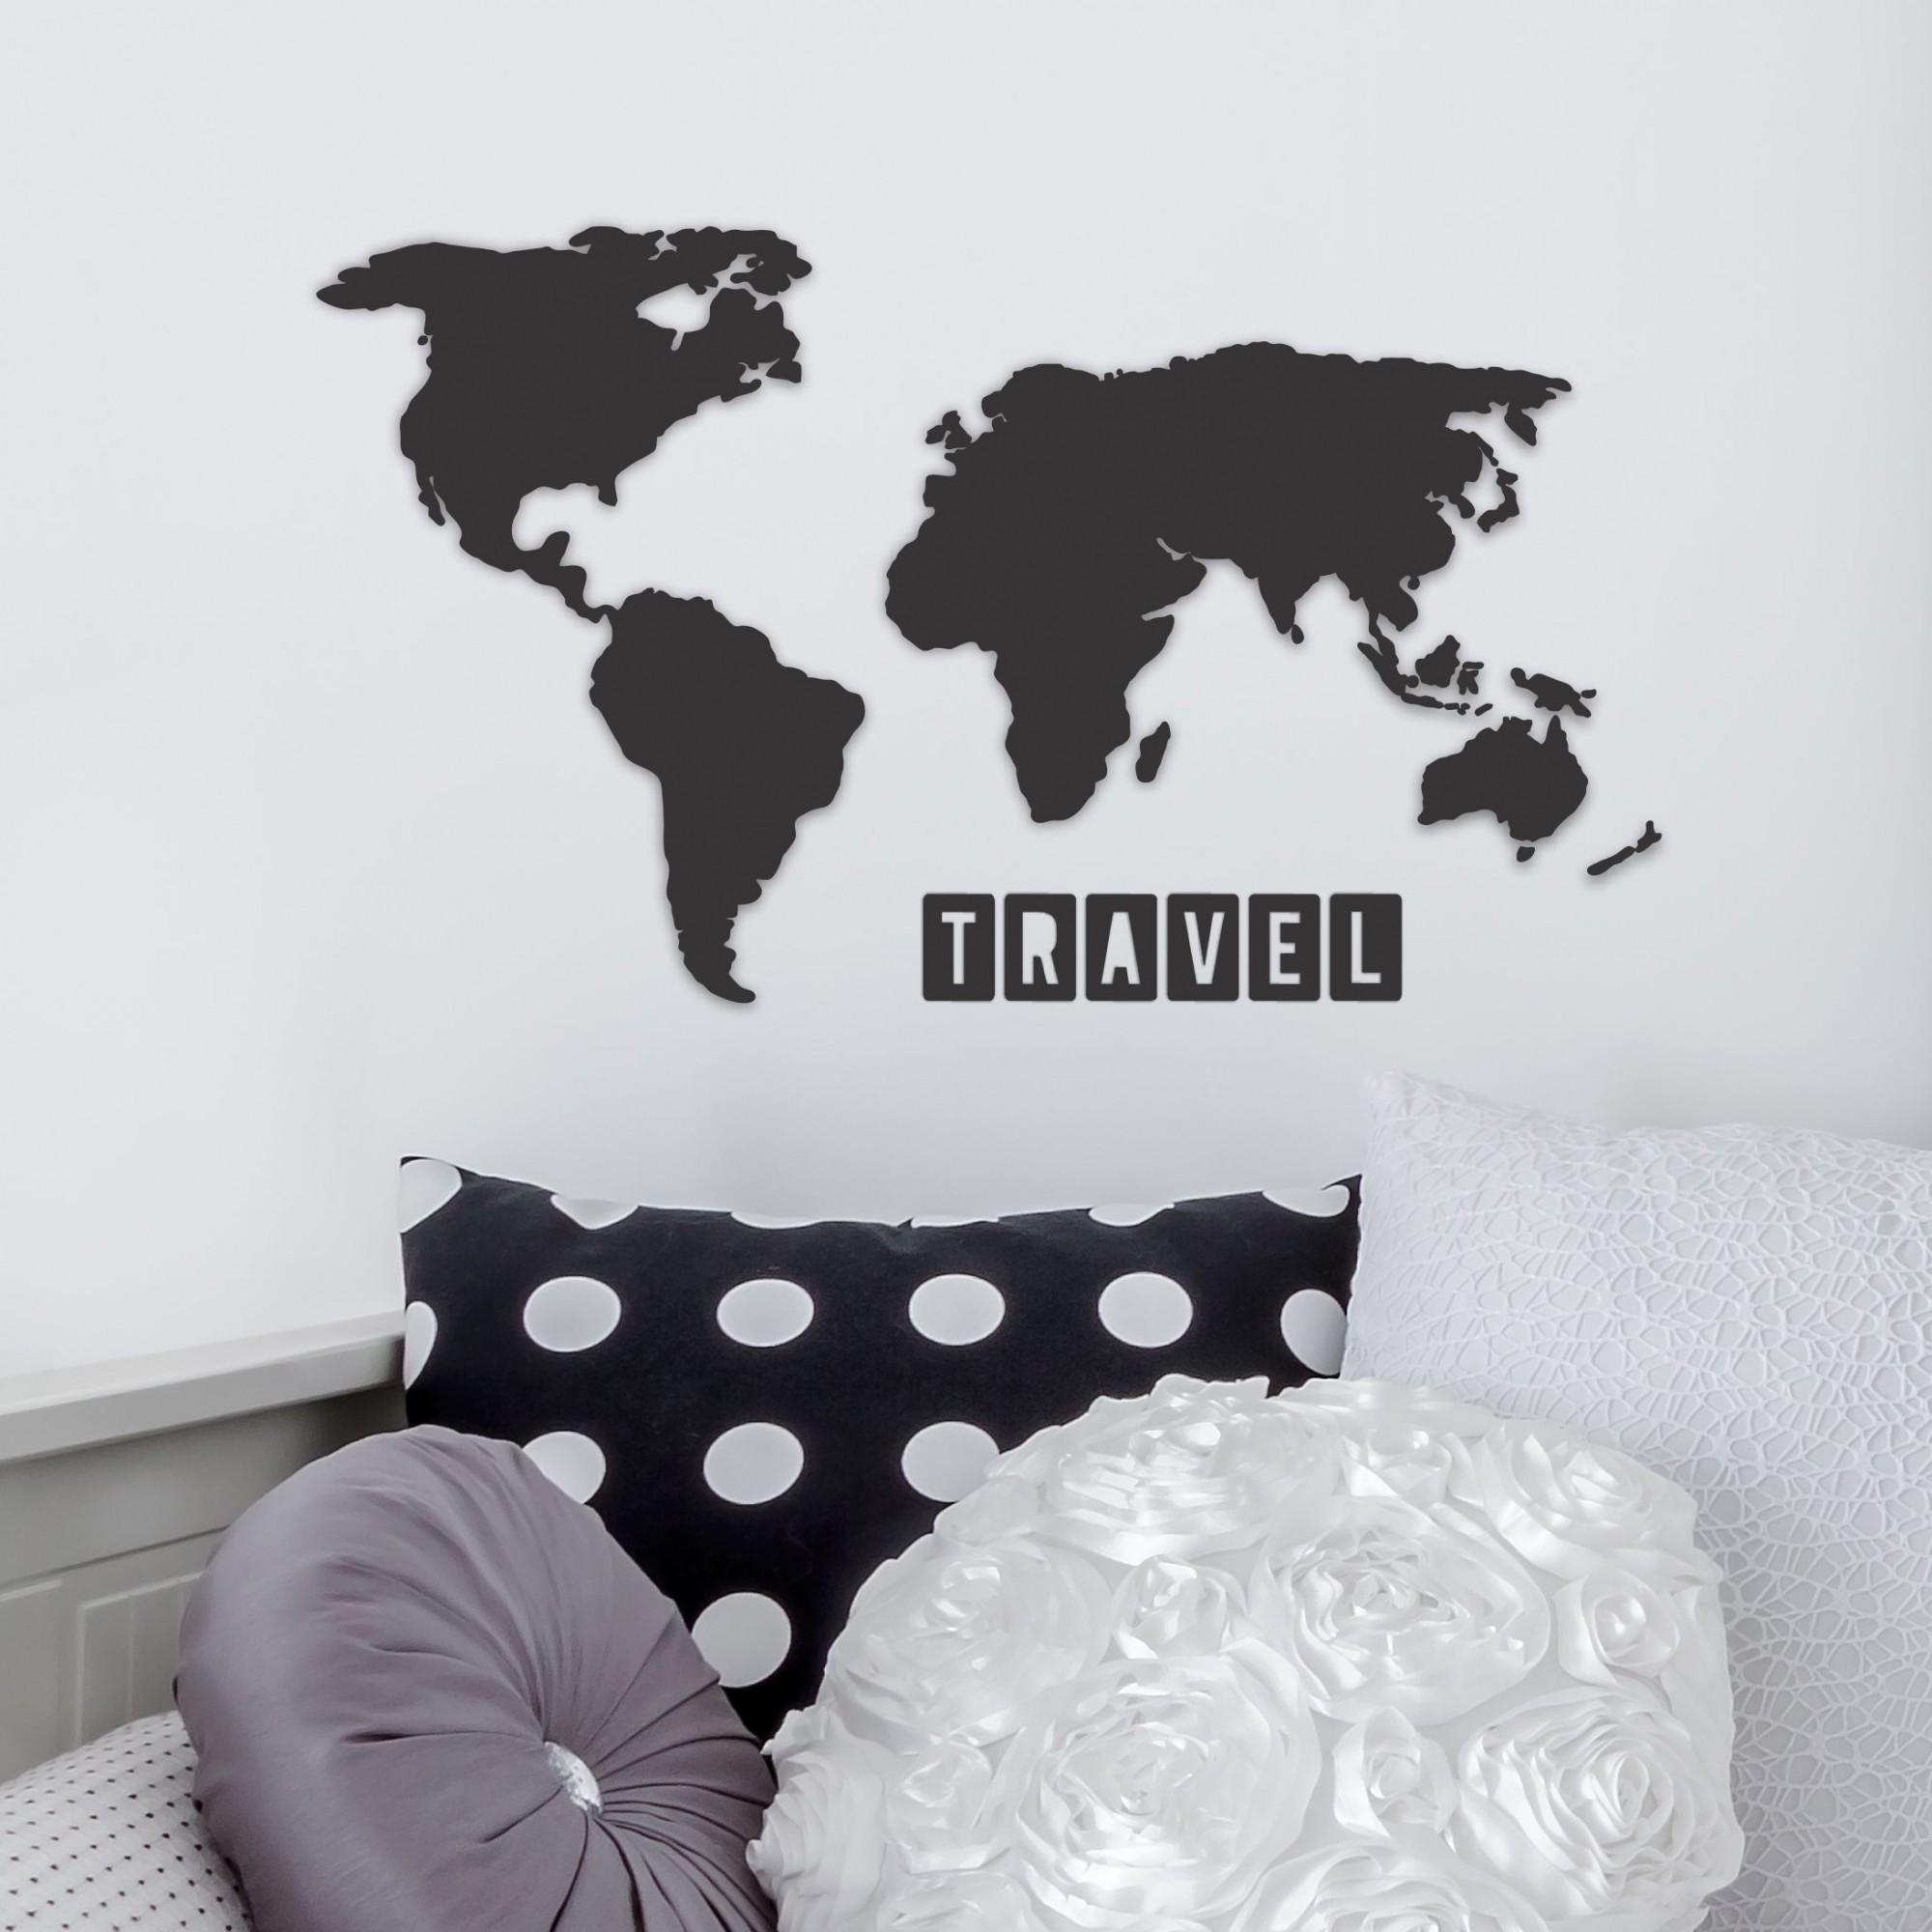 Quadro Decorativo em Recorte - mapa mundo travel